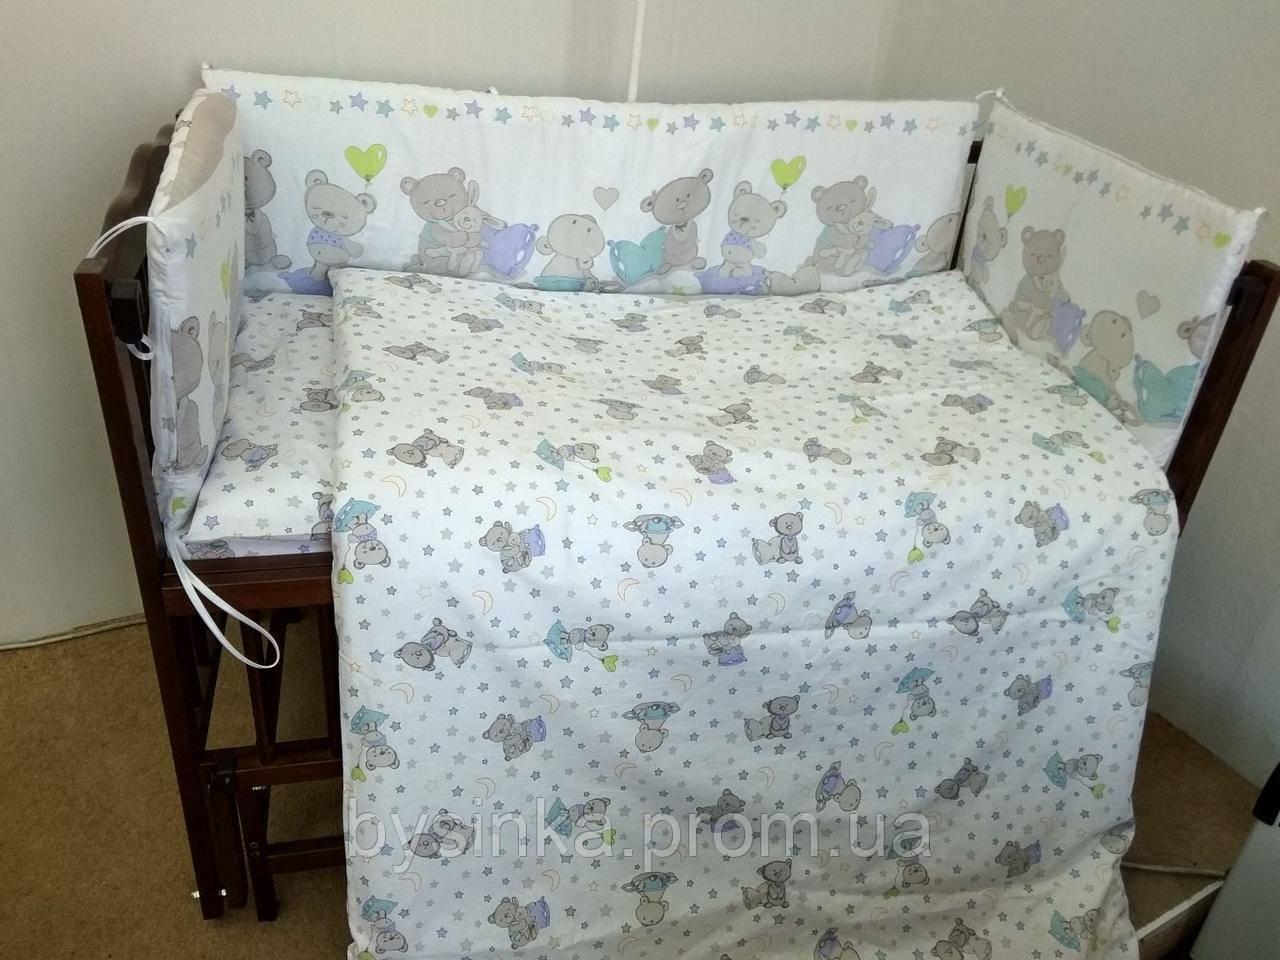 Высокие бортики в детскую кроватку маркер профессиональный инструмент поставщика